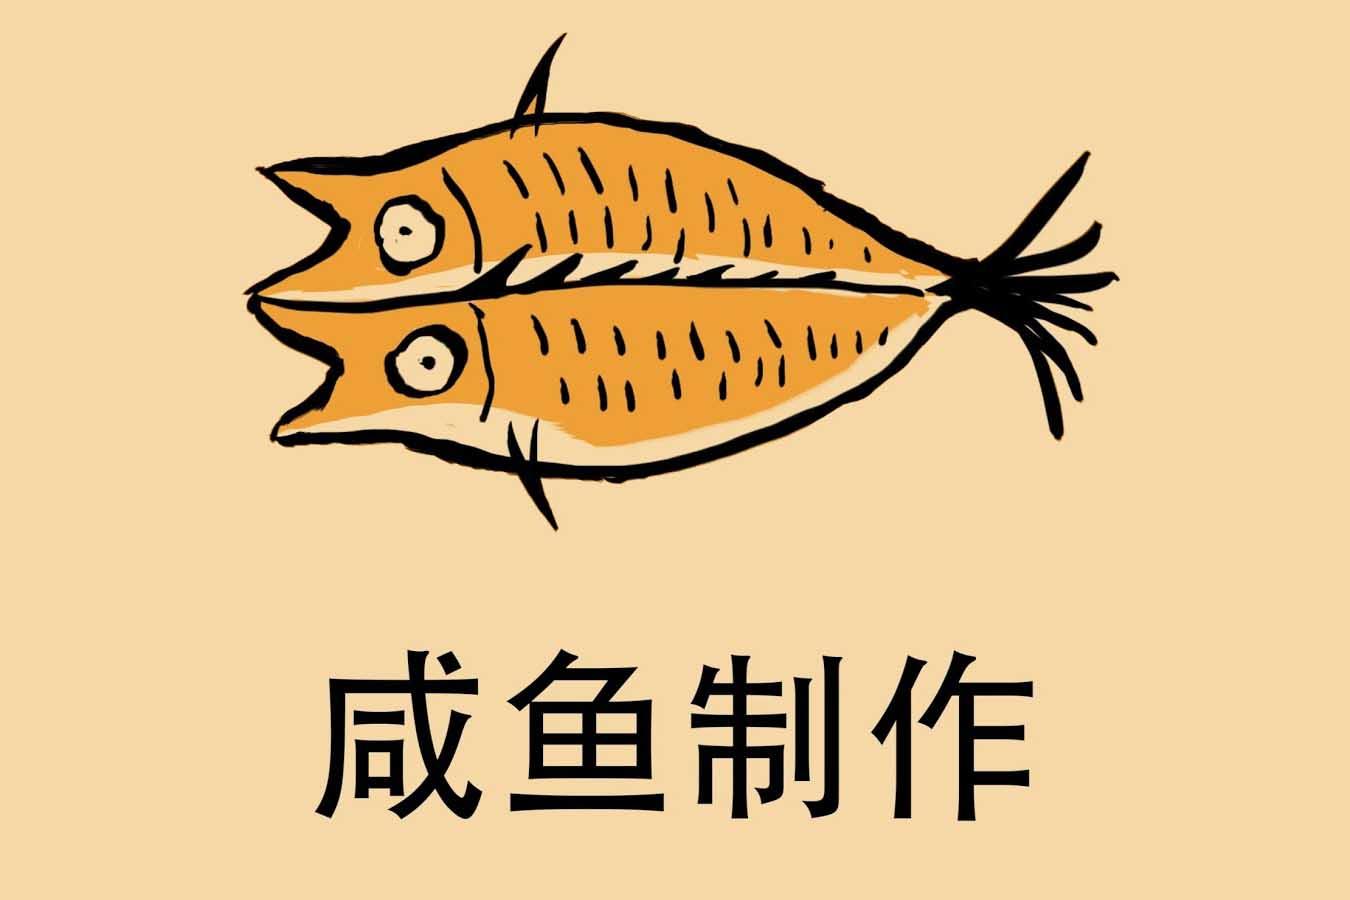 失去梦想的咸鱼